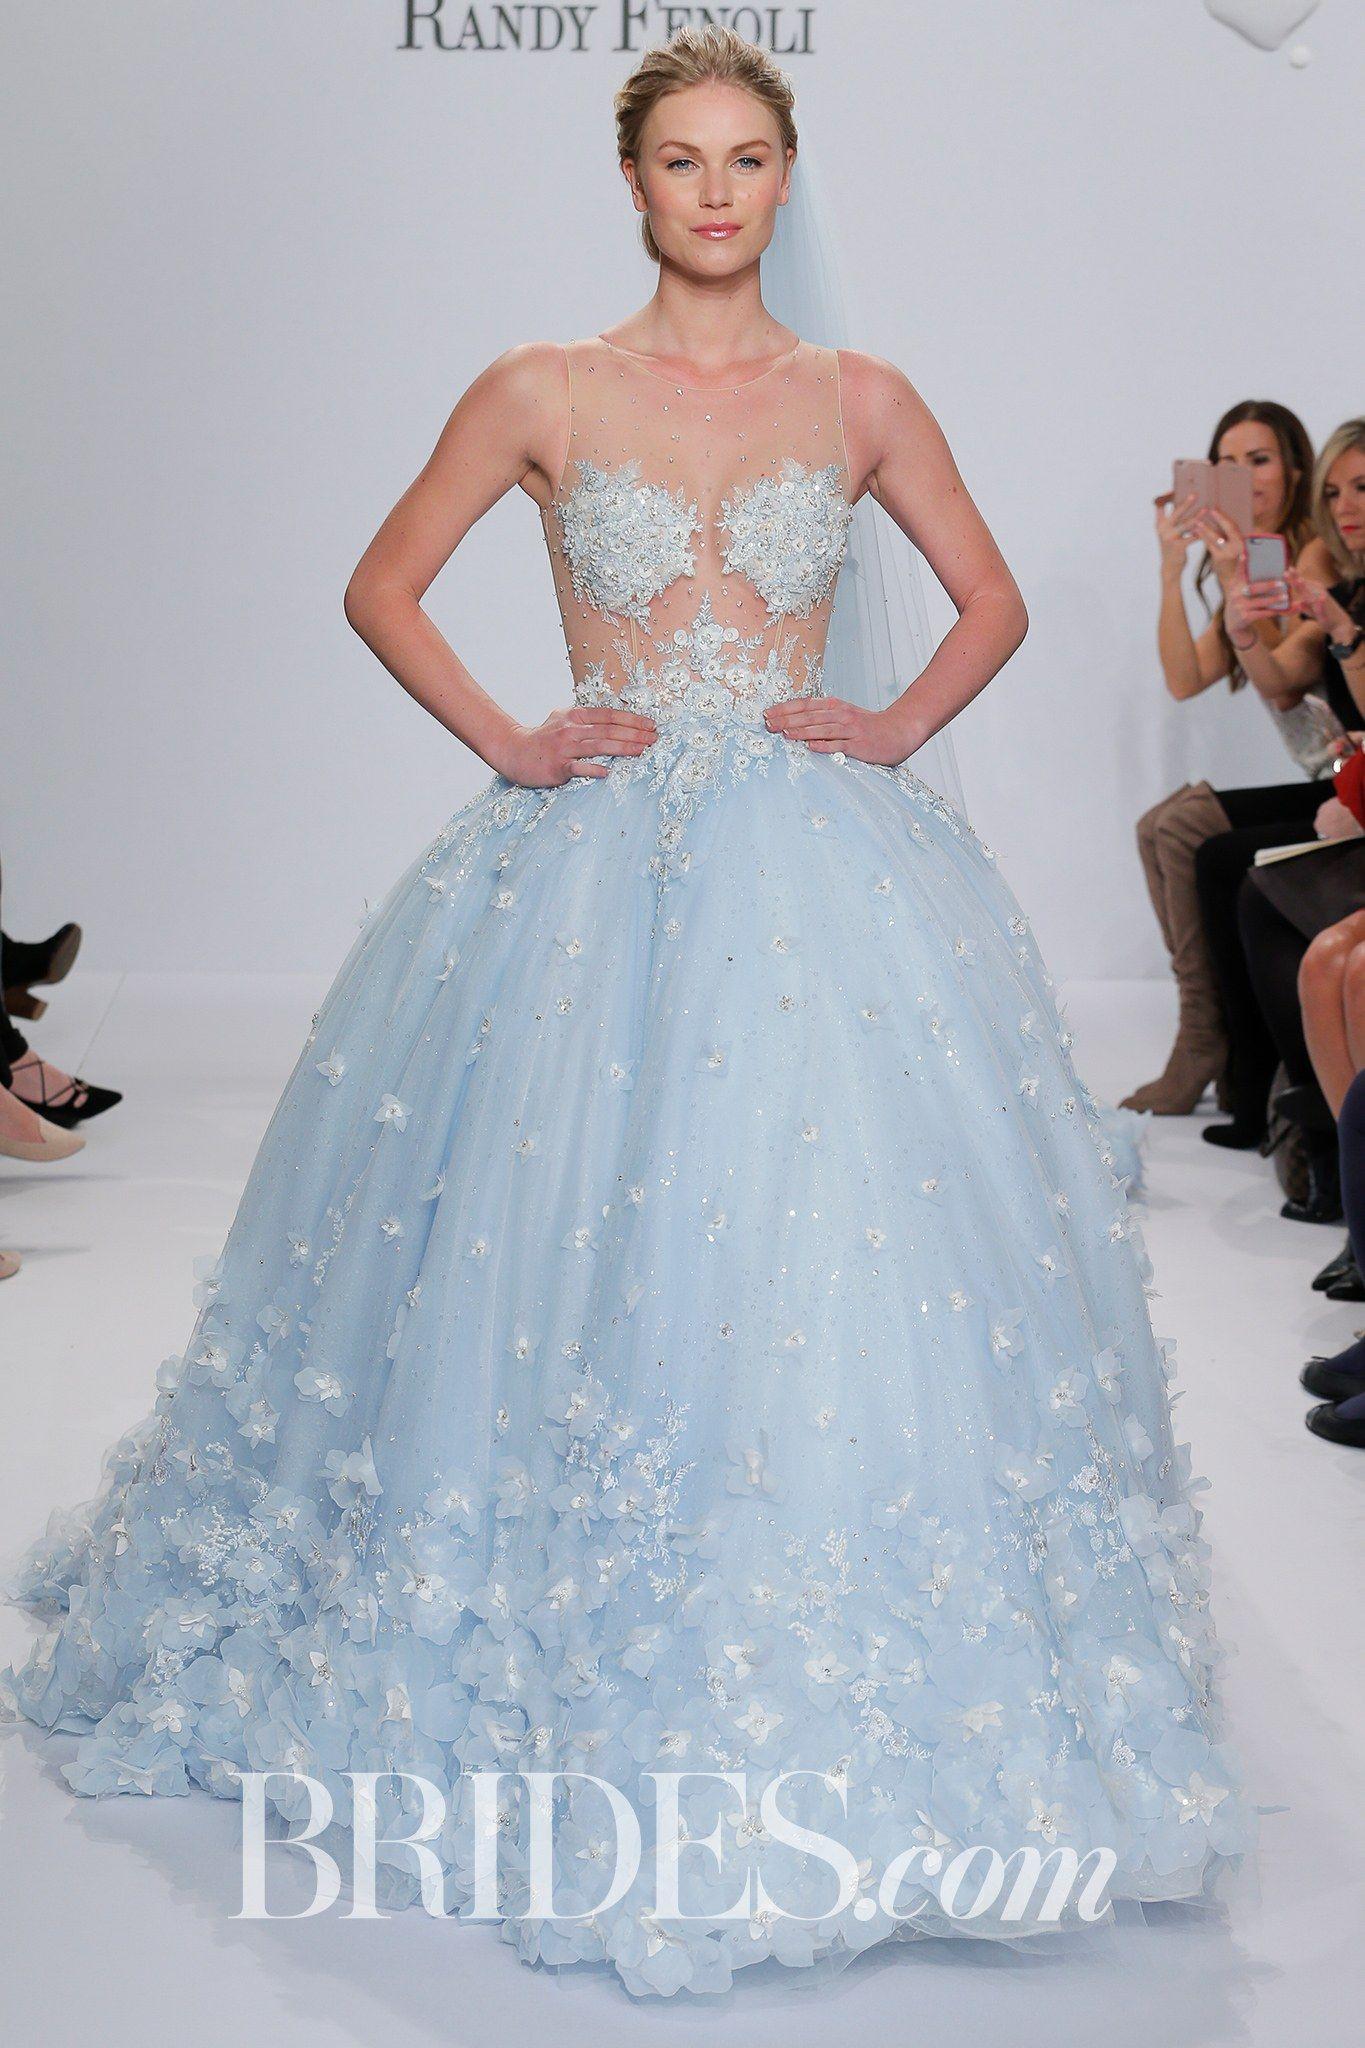 Randy Fenoli for Kleinfeld Bridal u Wedding Dress Collection Spring